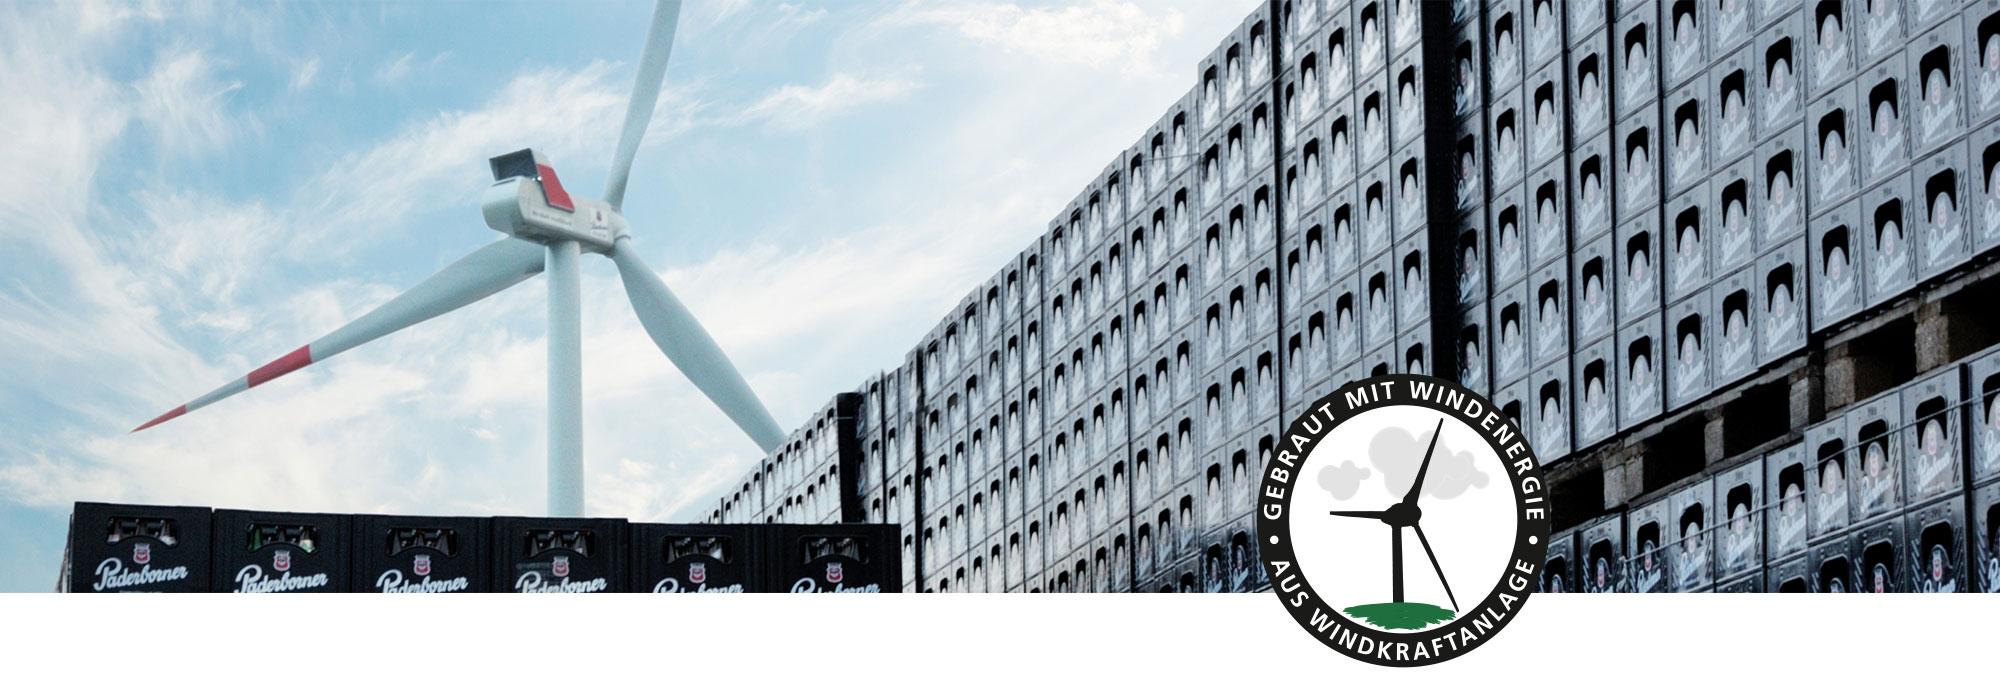 Paderborner Brauerei Nachhaltigkeit Windrad